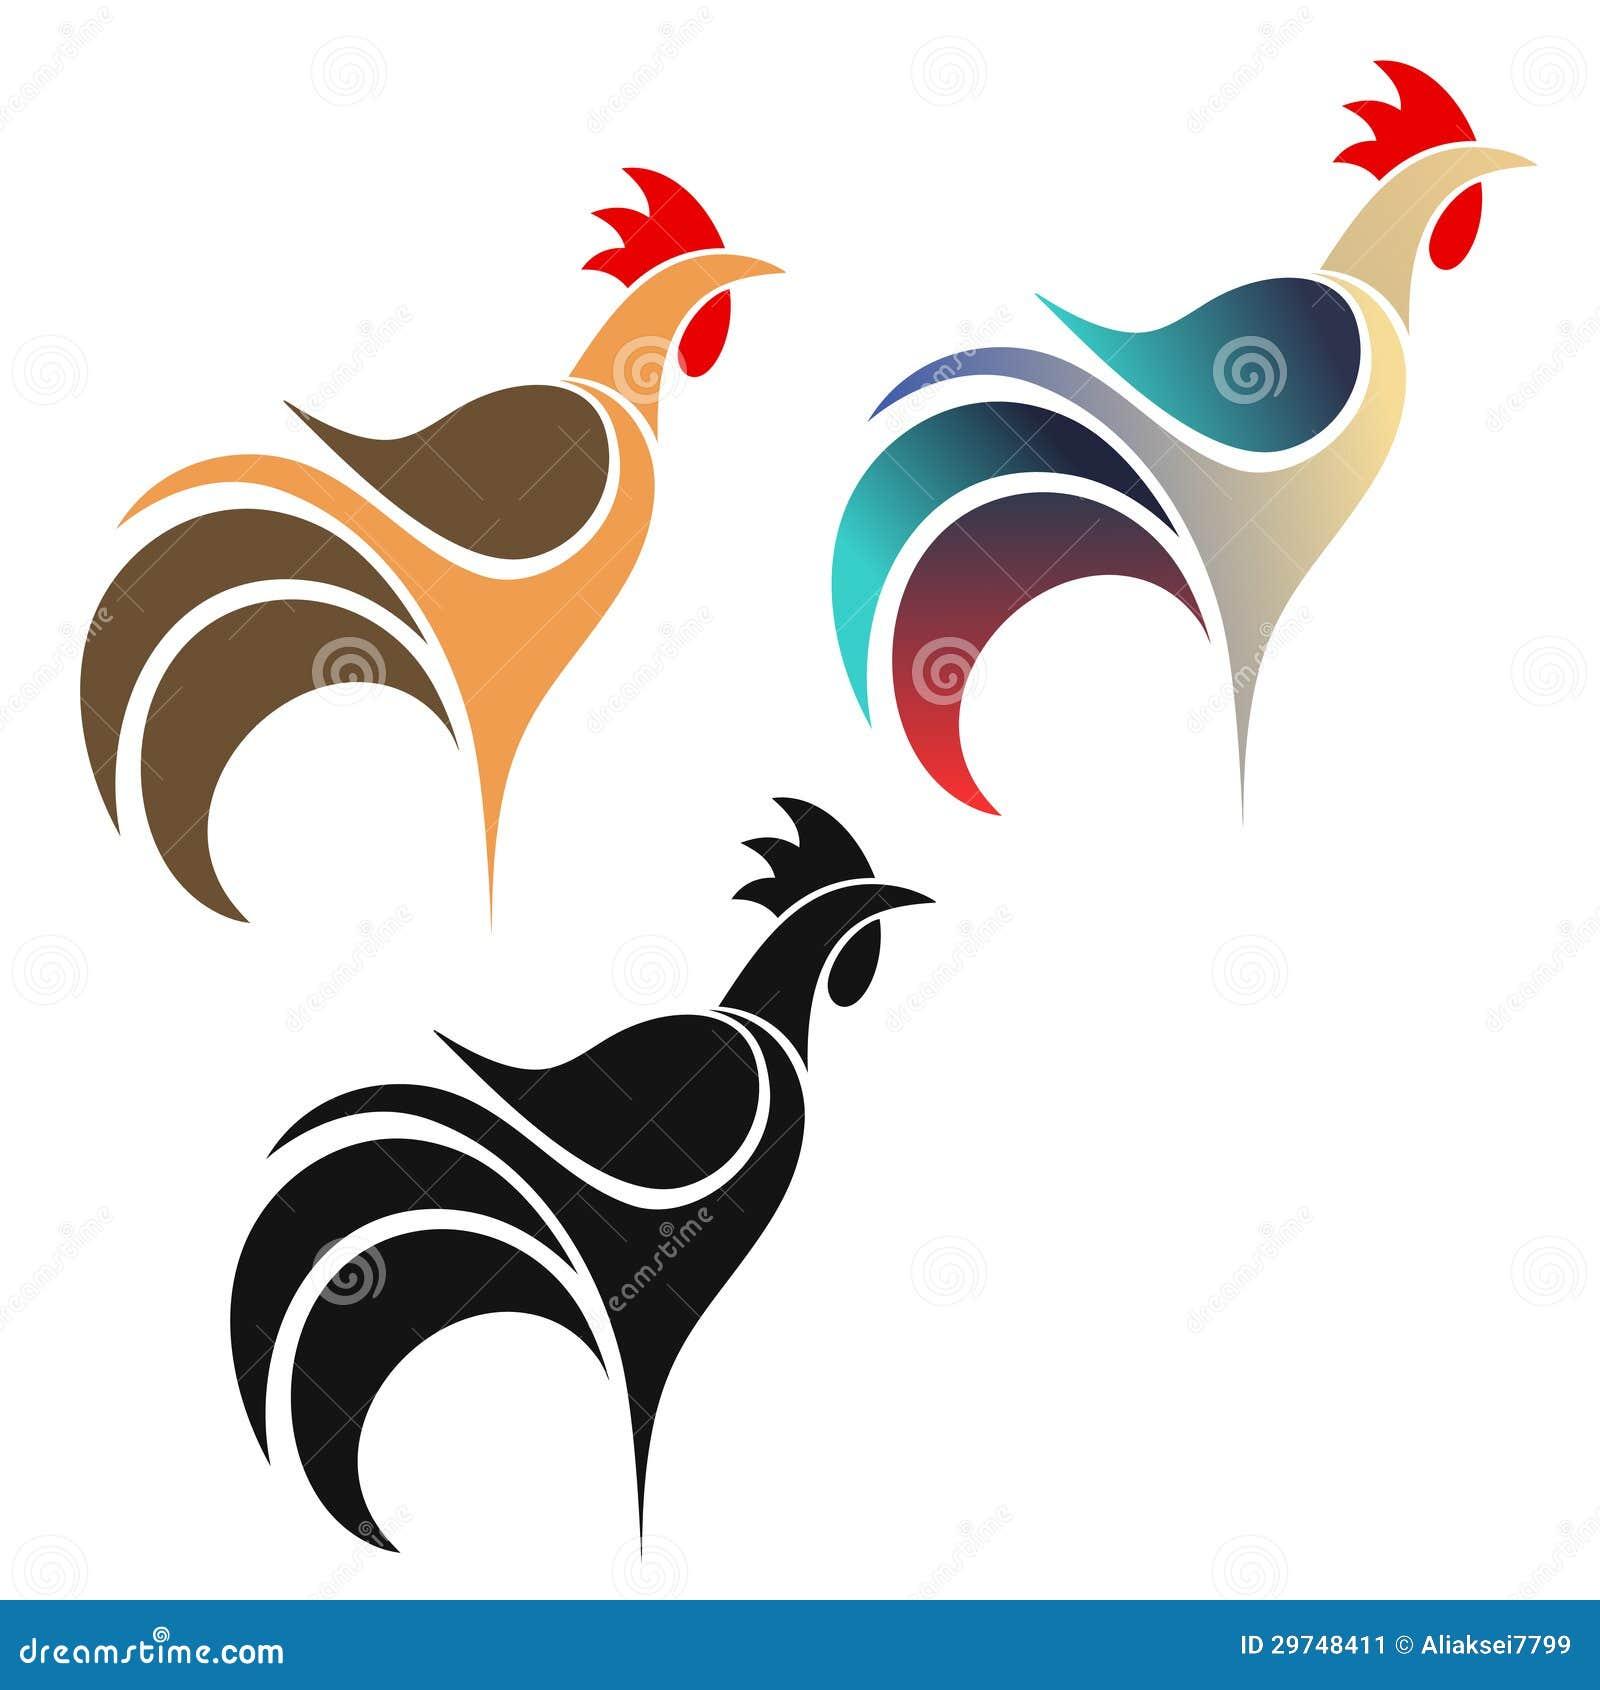 Cock. Logo